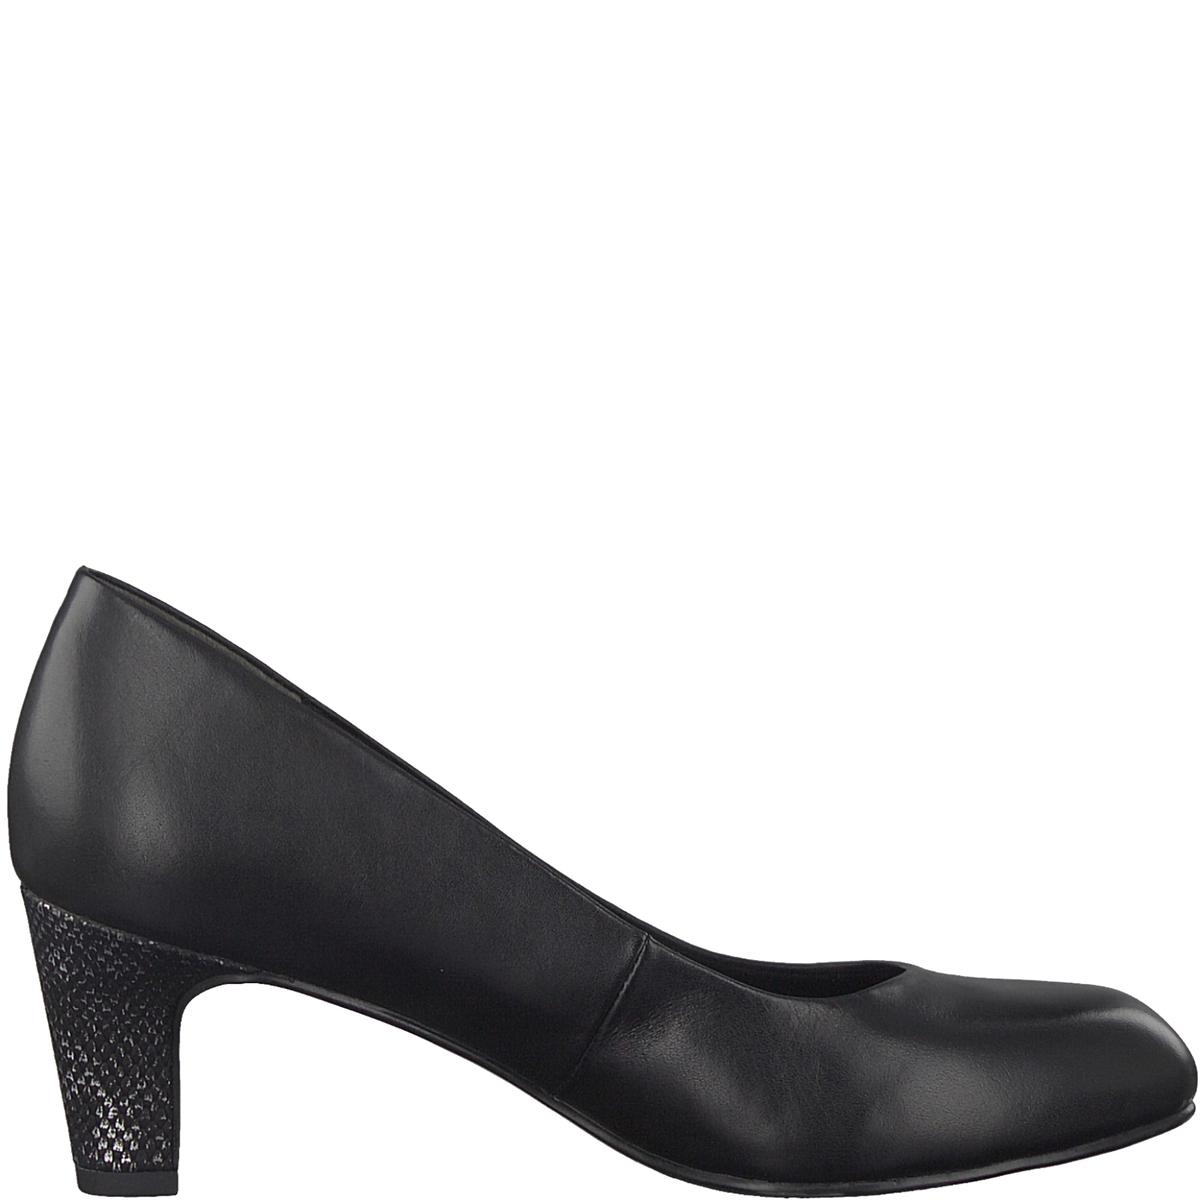 Туфли кожаные CaxiasДетали •  Широкий каблук •  Высота каблука : 6 см •  Застежка : без застежки •  Круглый мысокСостав и уход •  Верх 100% кожа •  Подкладка 50% синтетического материала, 50% текстиля •  Стелька 100% синтетический материал<br><br>Цвет: черный